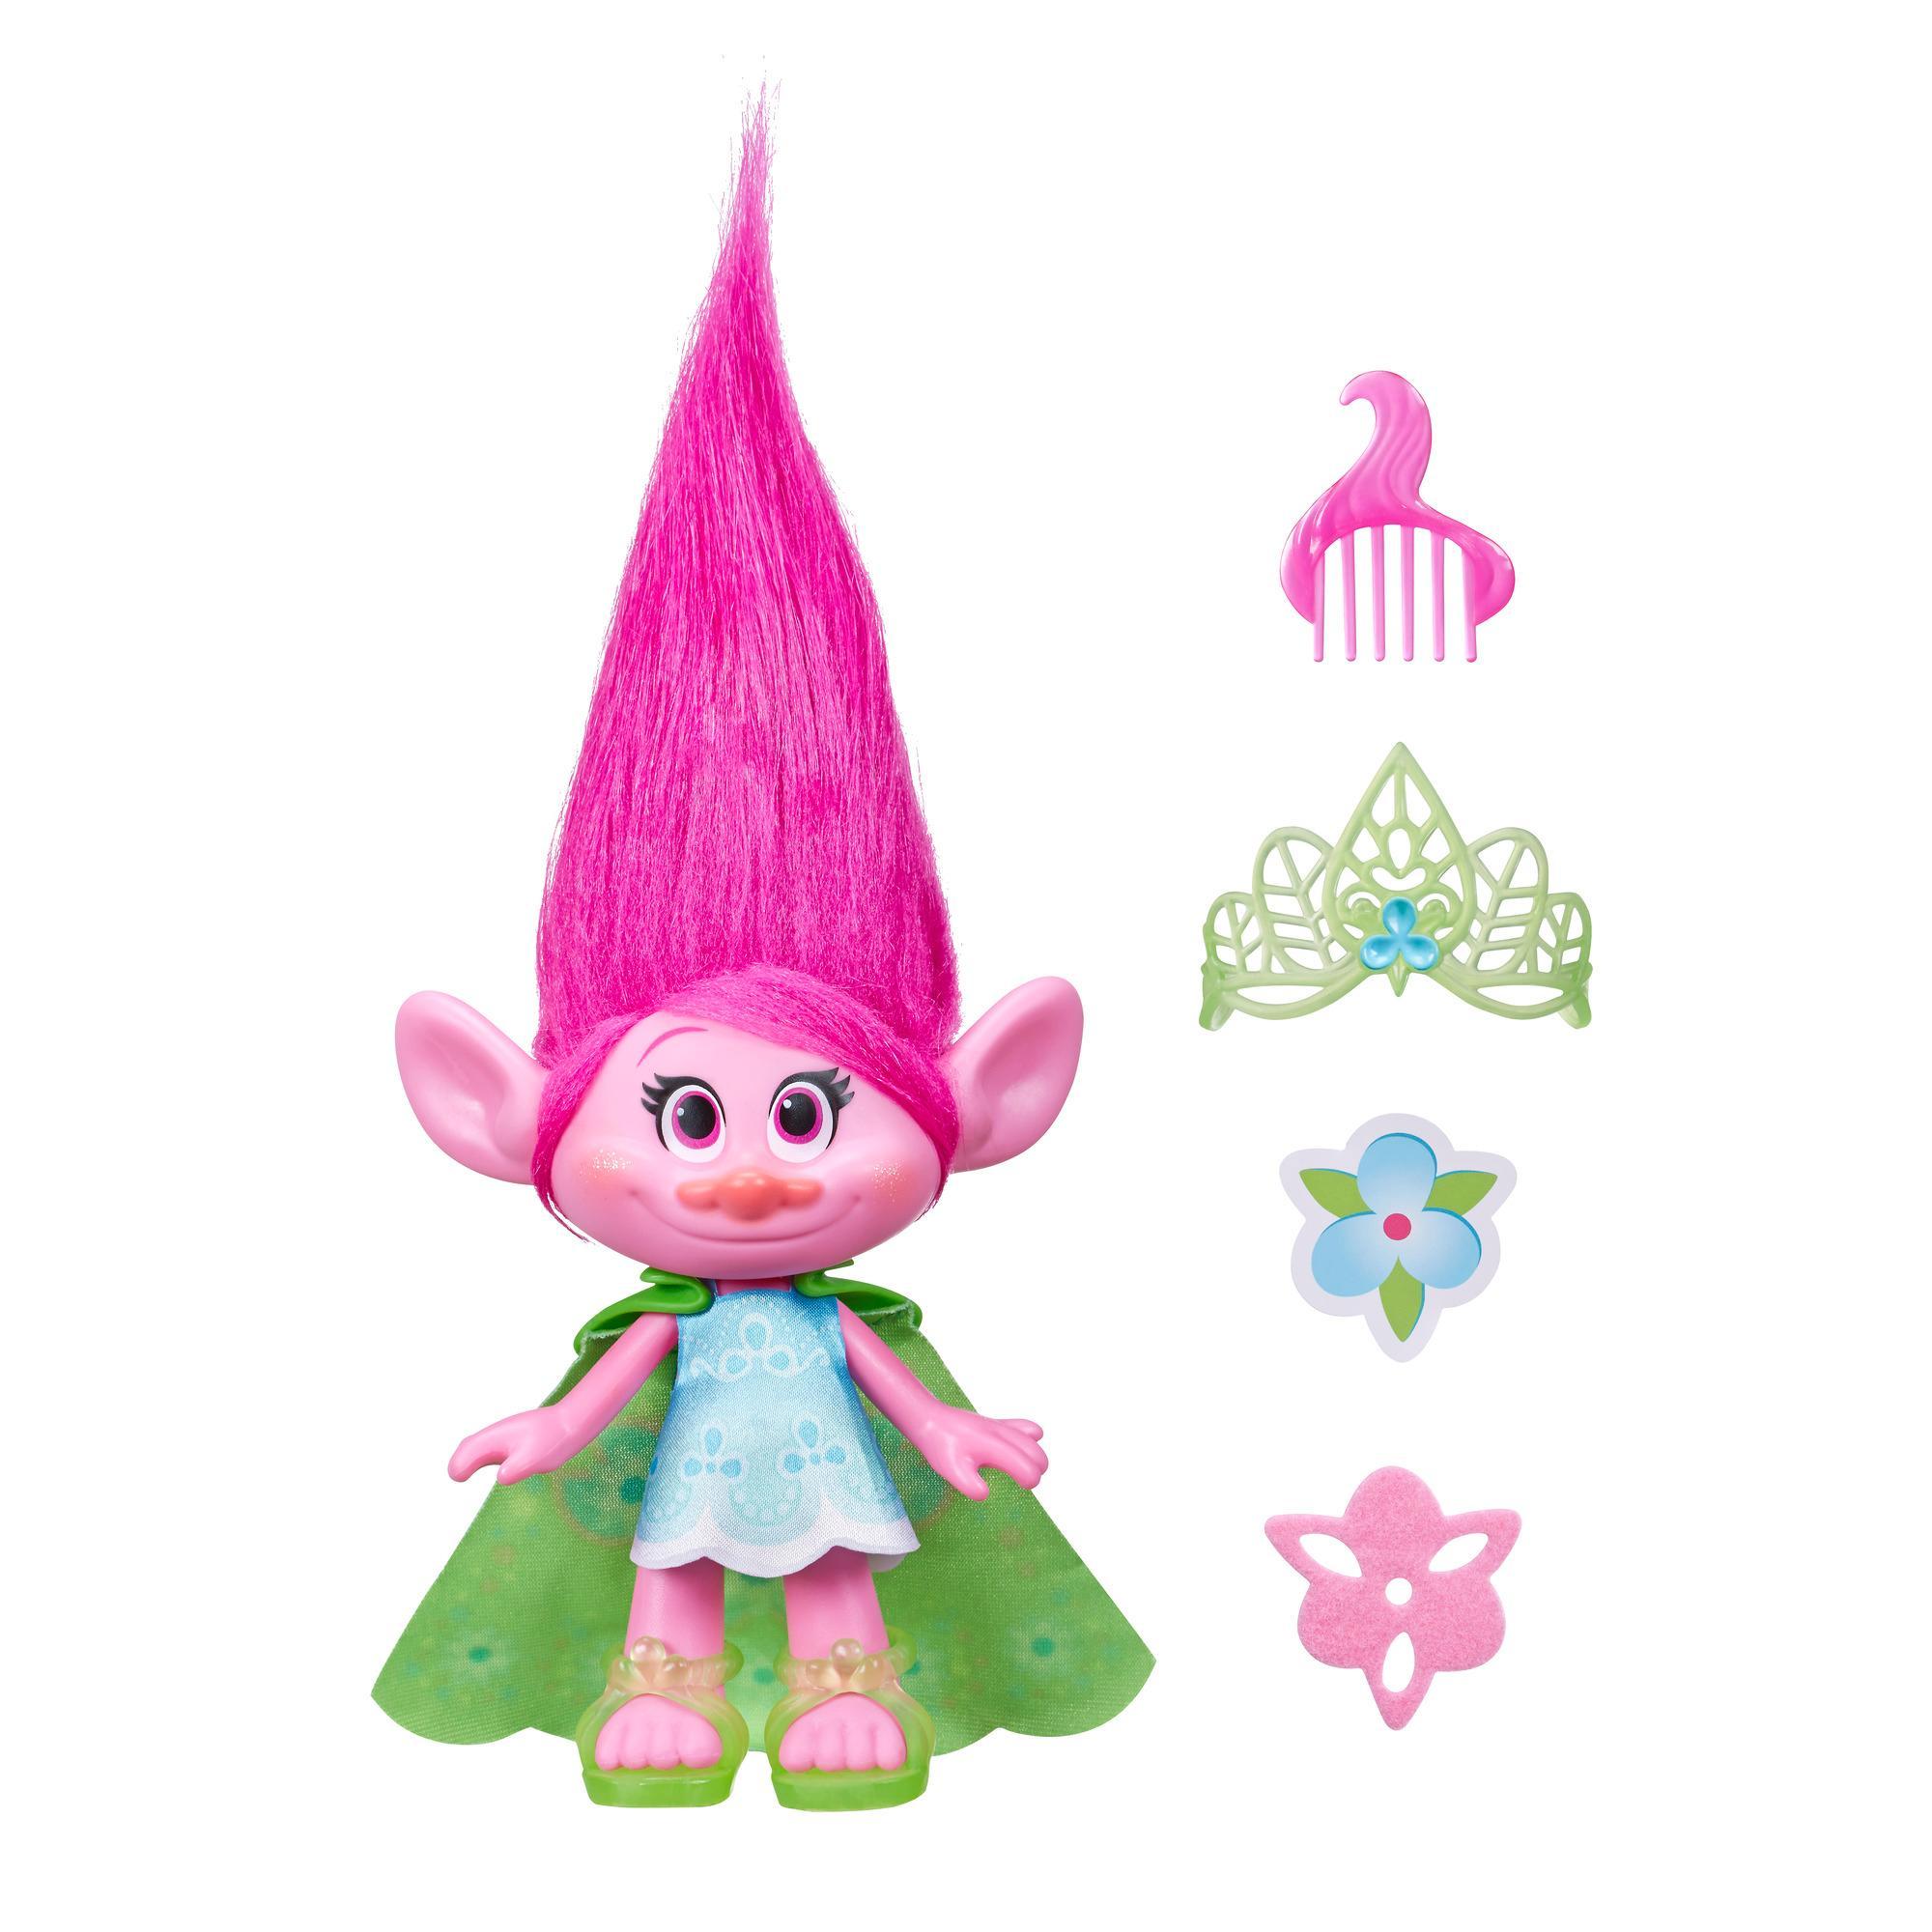 figurina trolls - poppy, 23 cm